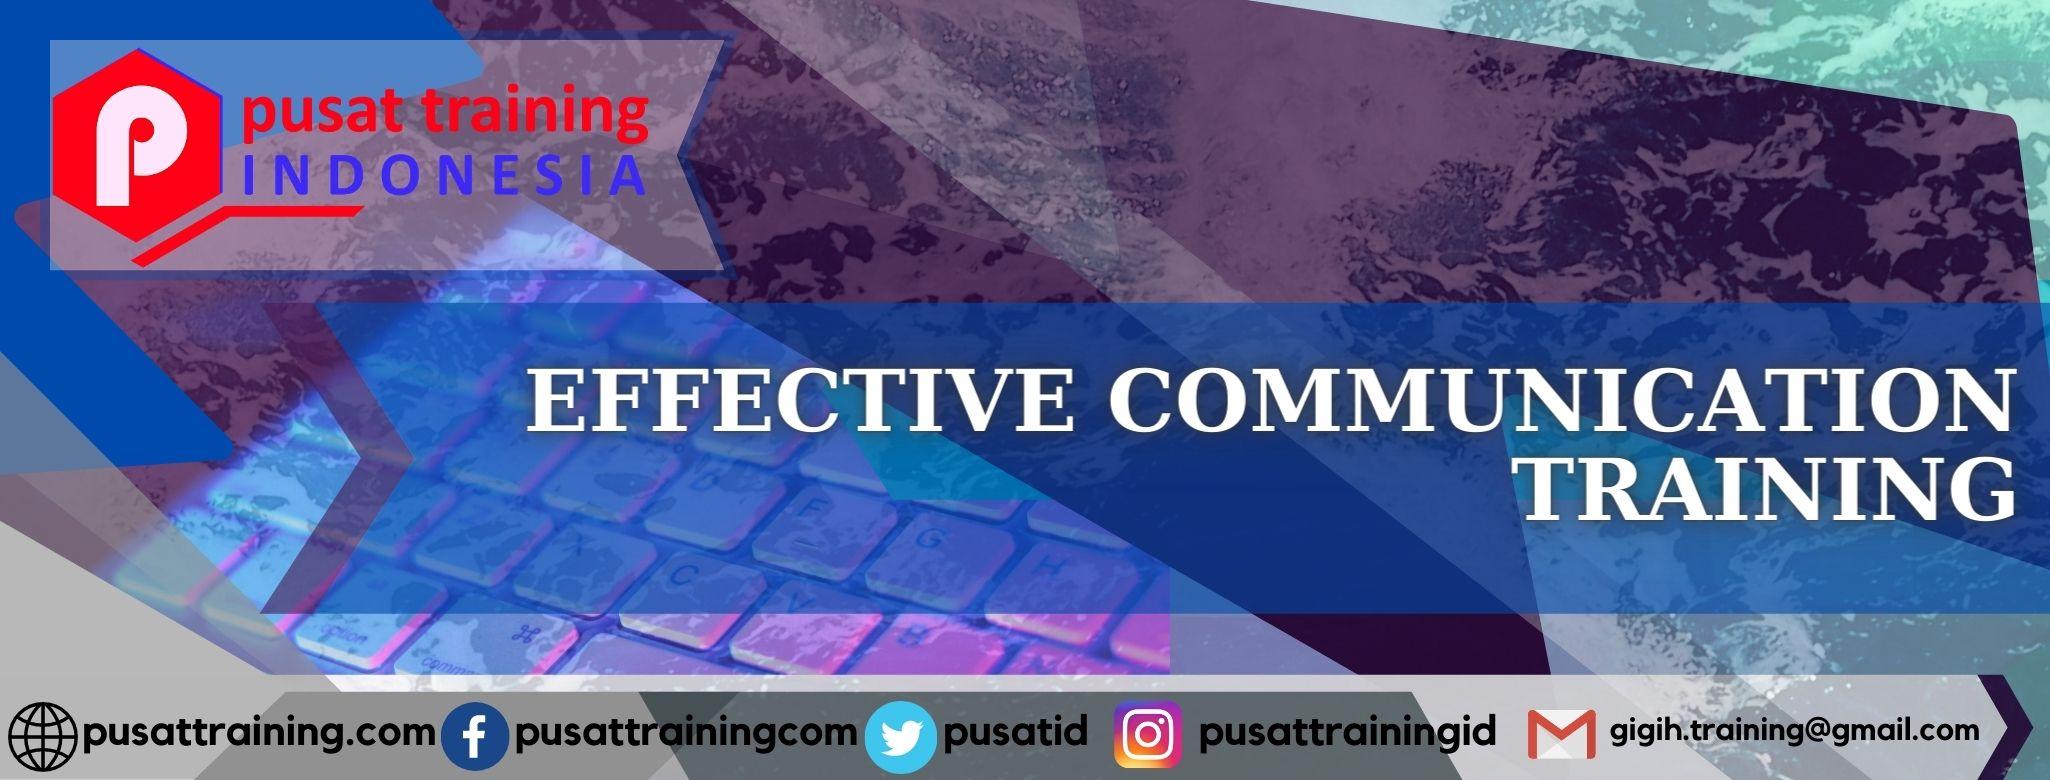 effective-communication-training